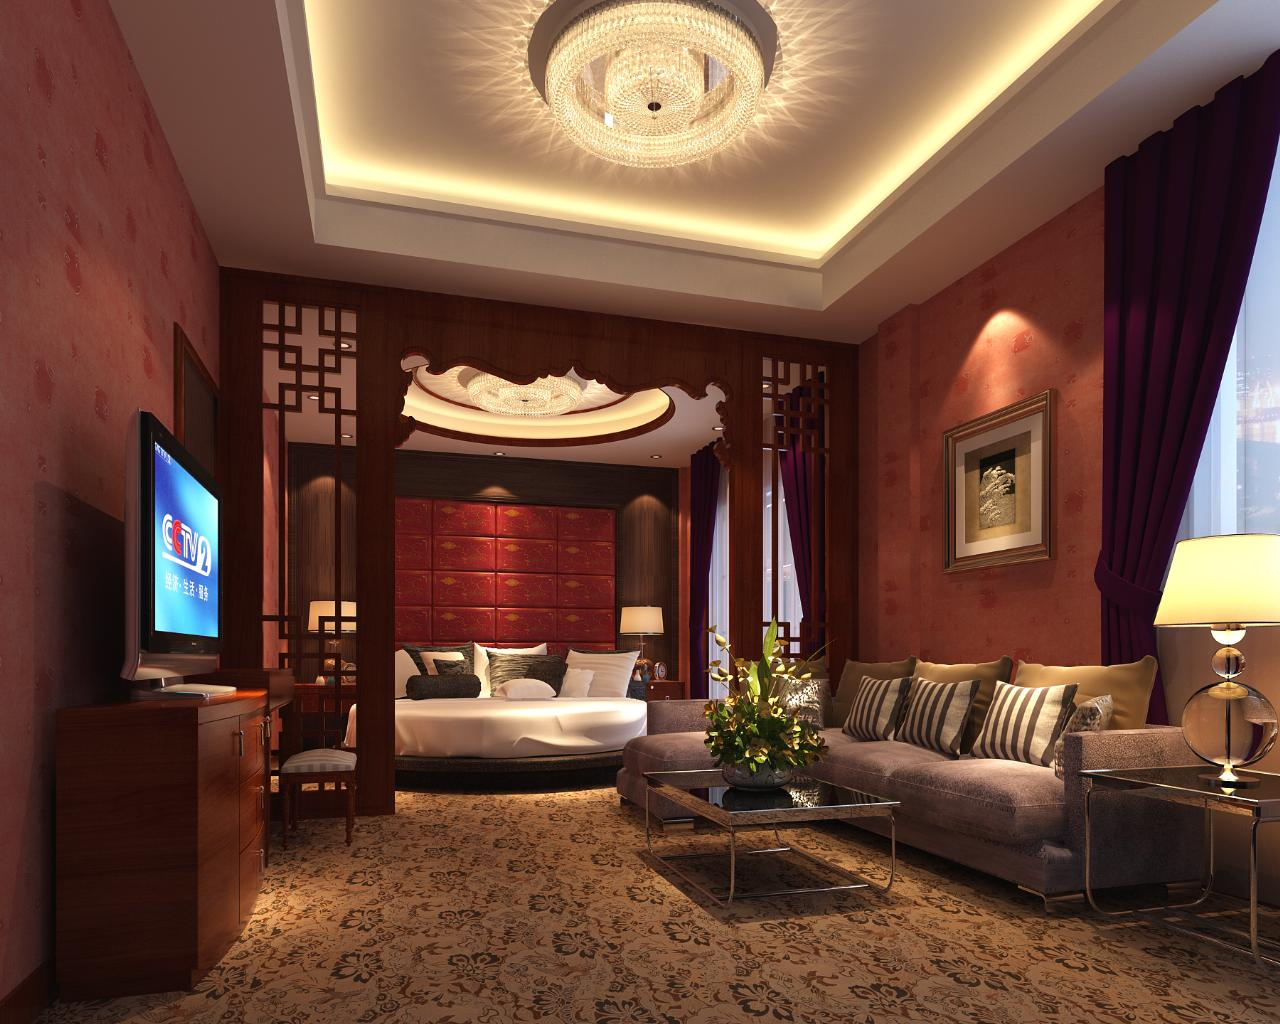 酒店设施齐全,装修豪华典雅,融欧式古典园林风格和现代设计风格为